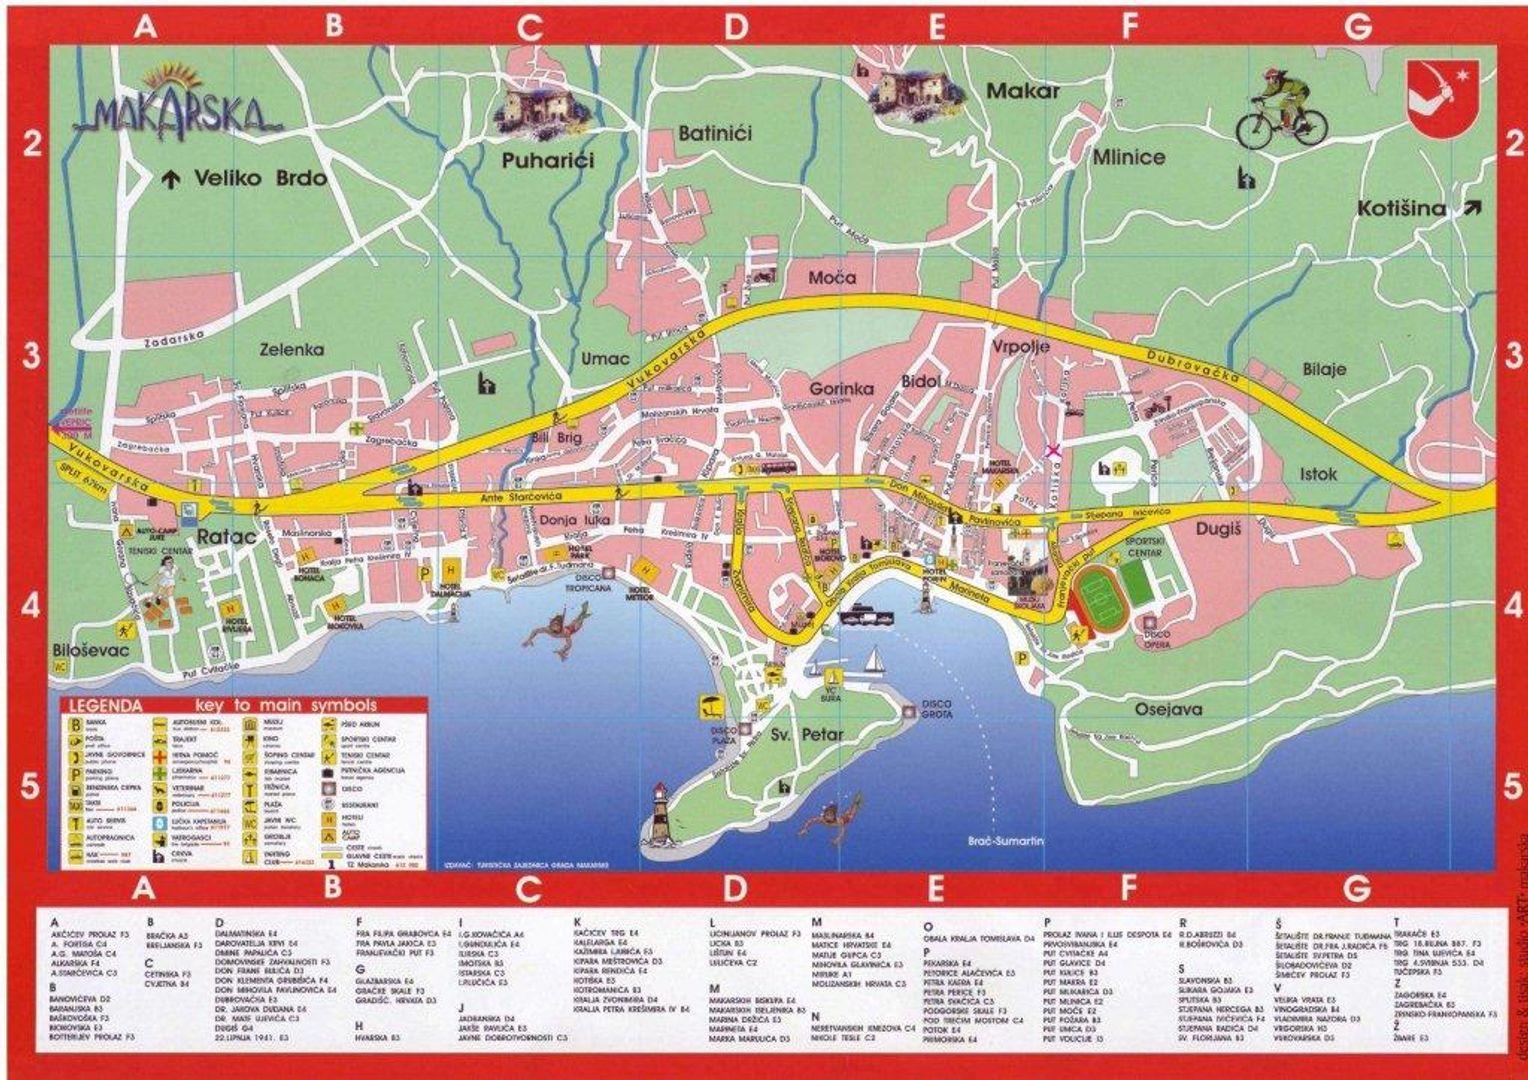 Plattegrond van Makarska